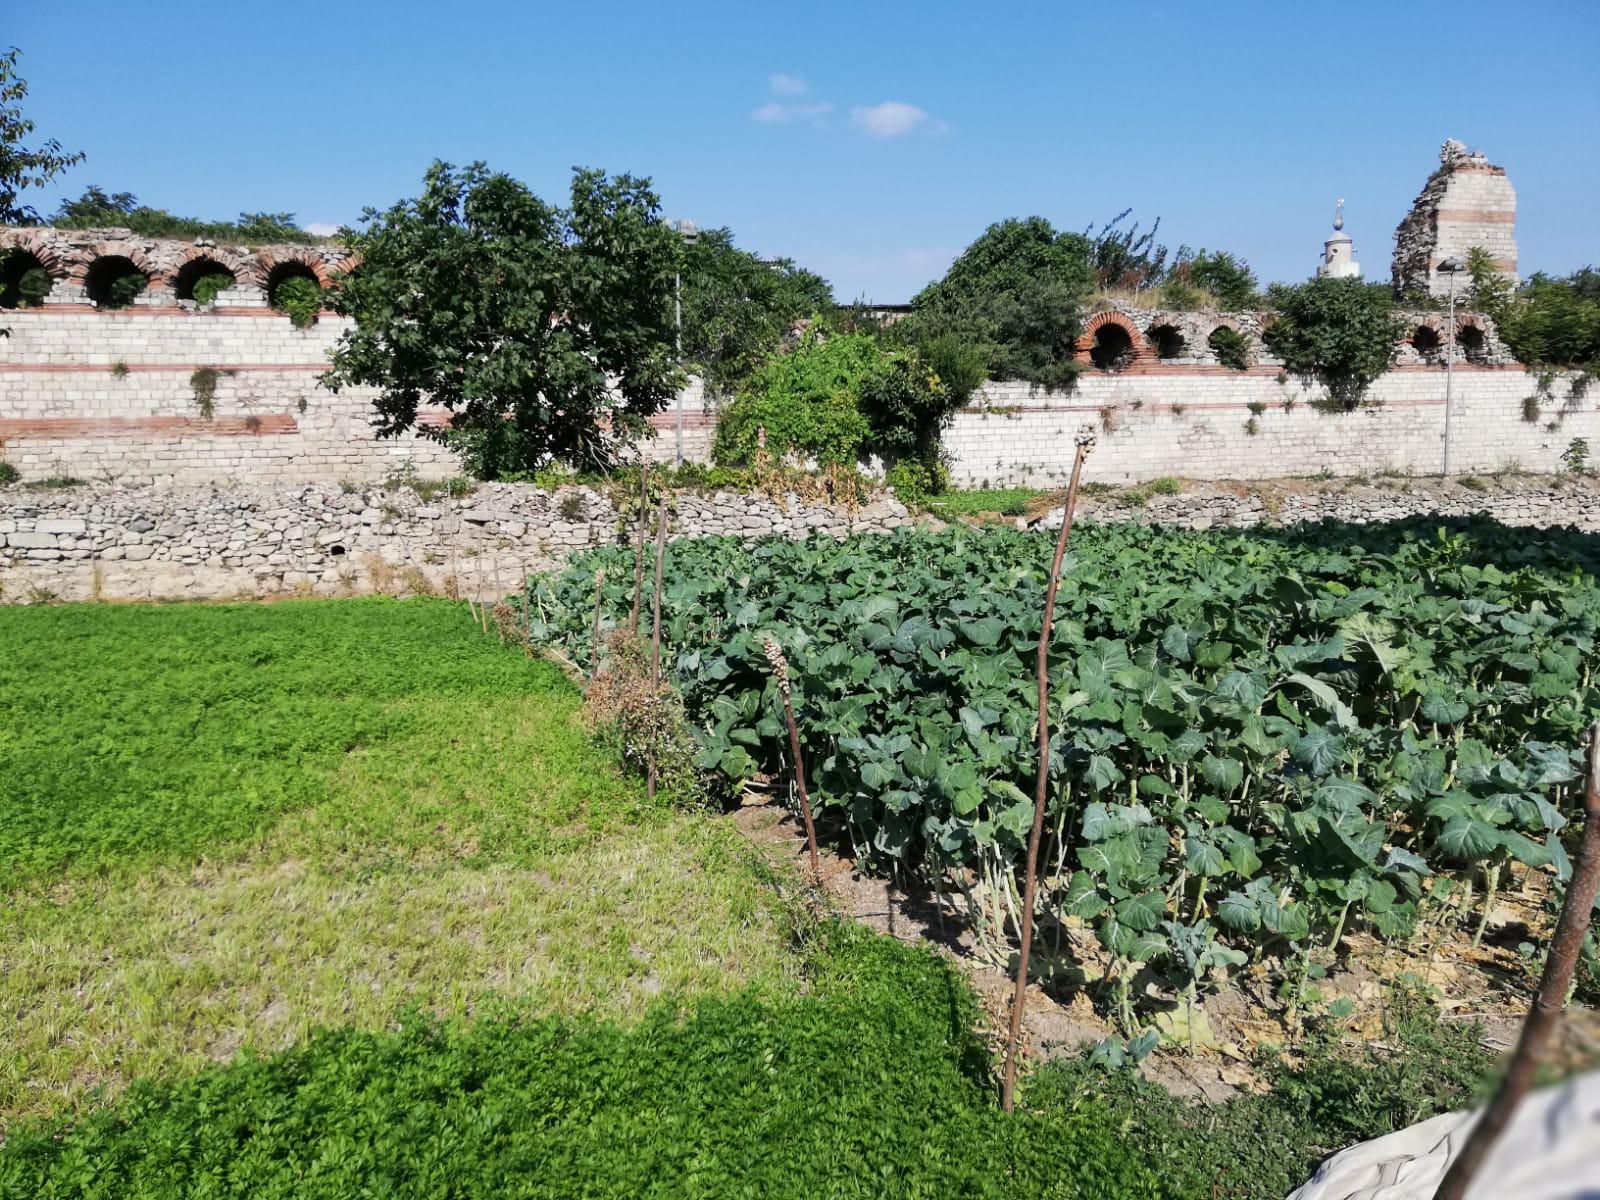 Şu anda bölgede yetişen salatalık ürünlerinin tadı hala damaklarda.